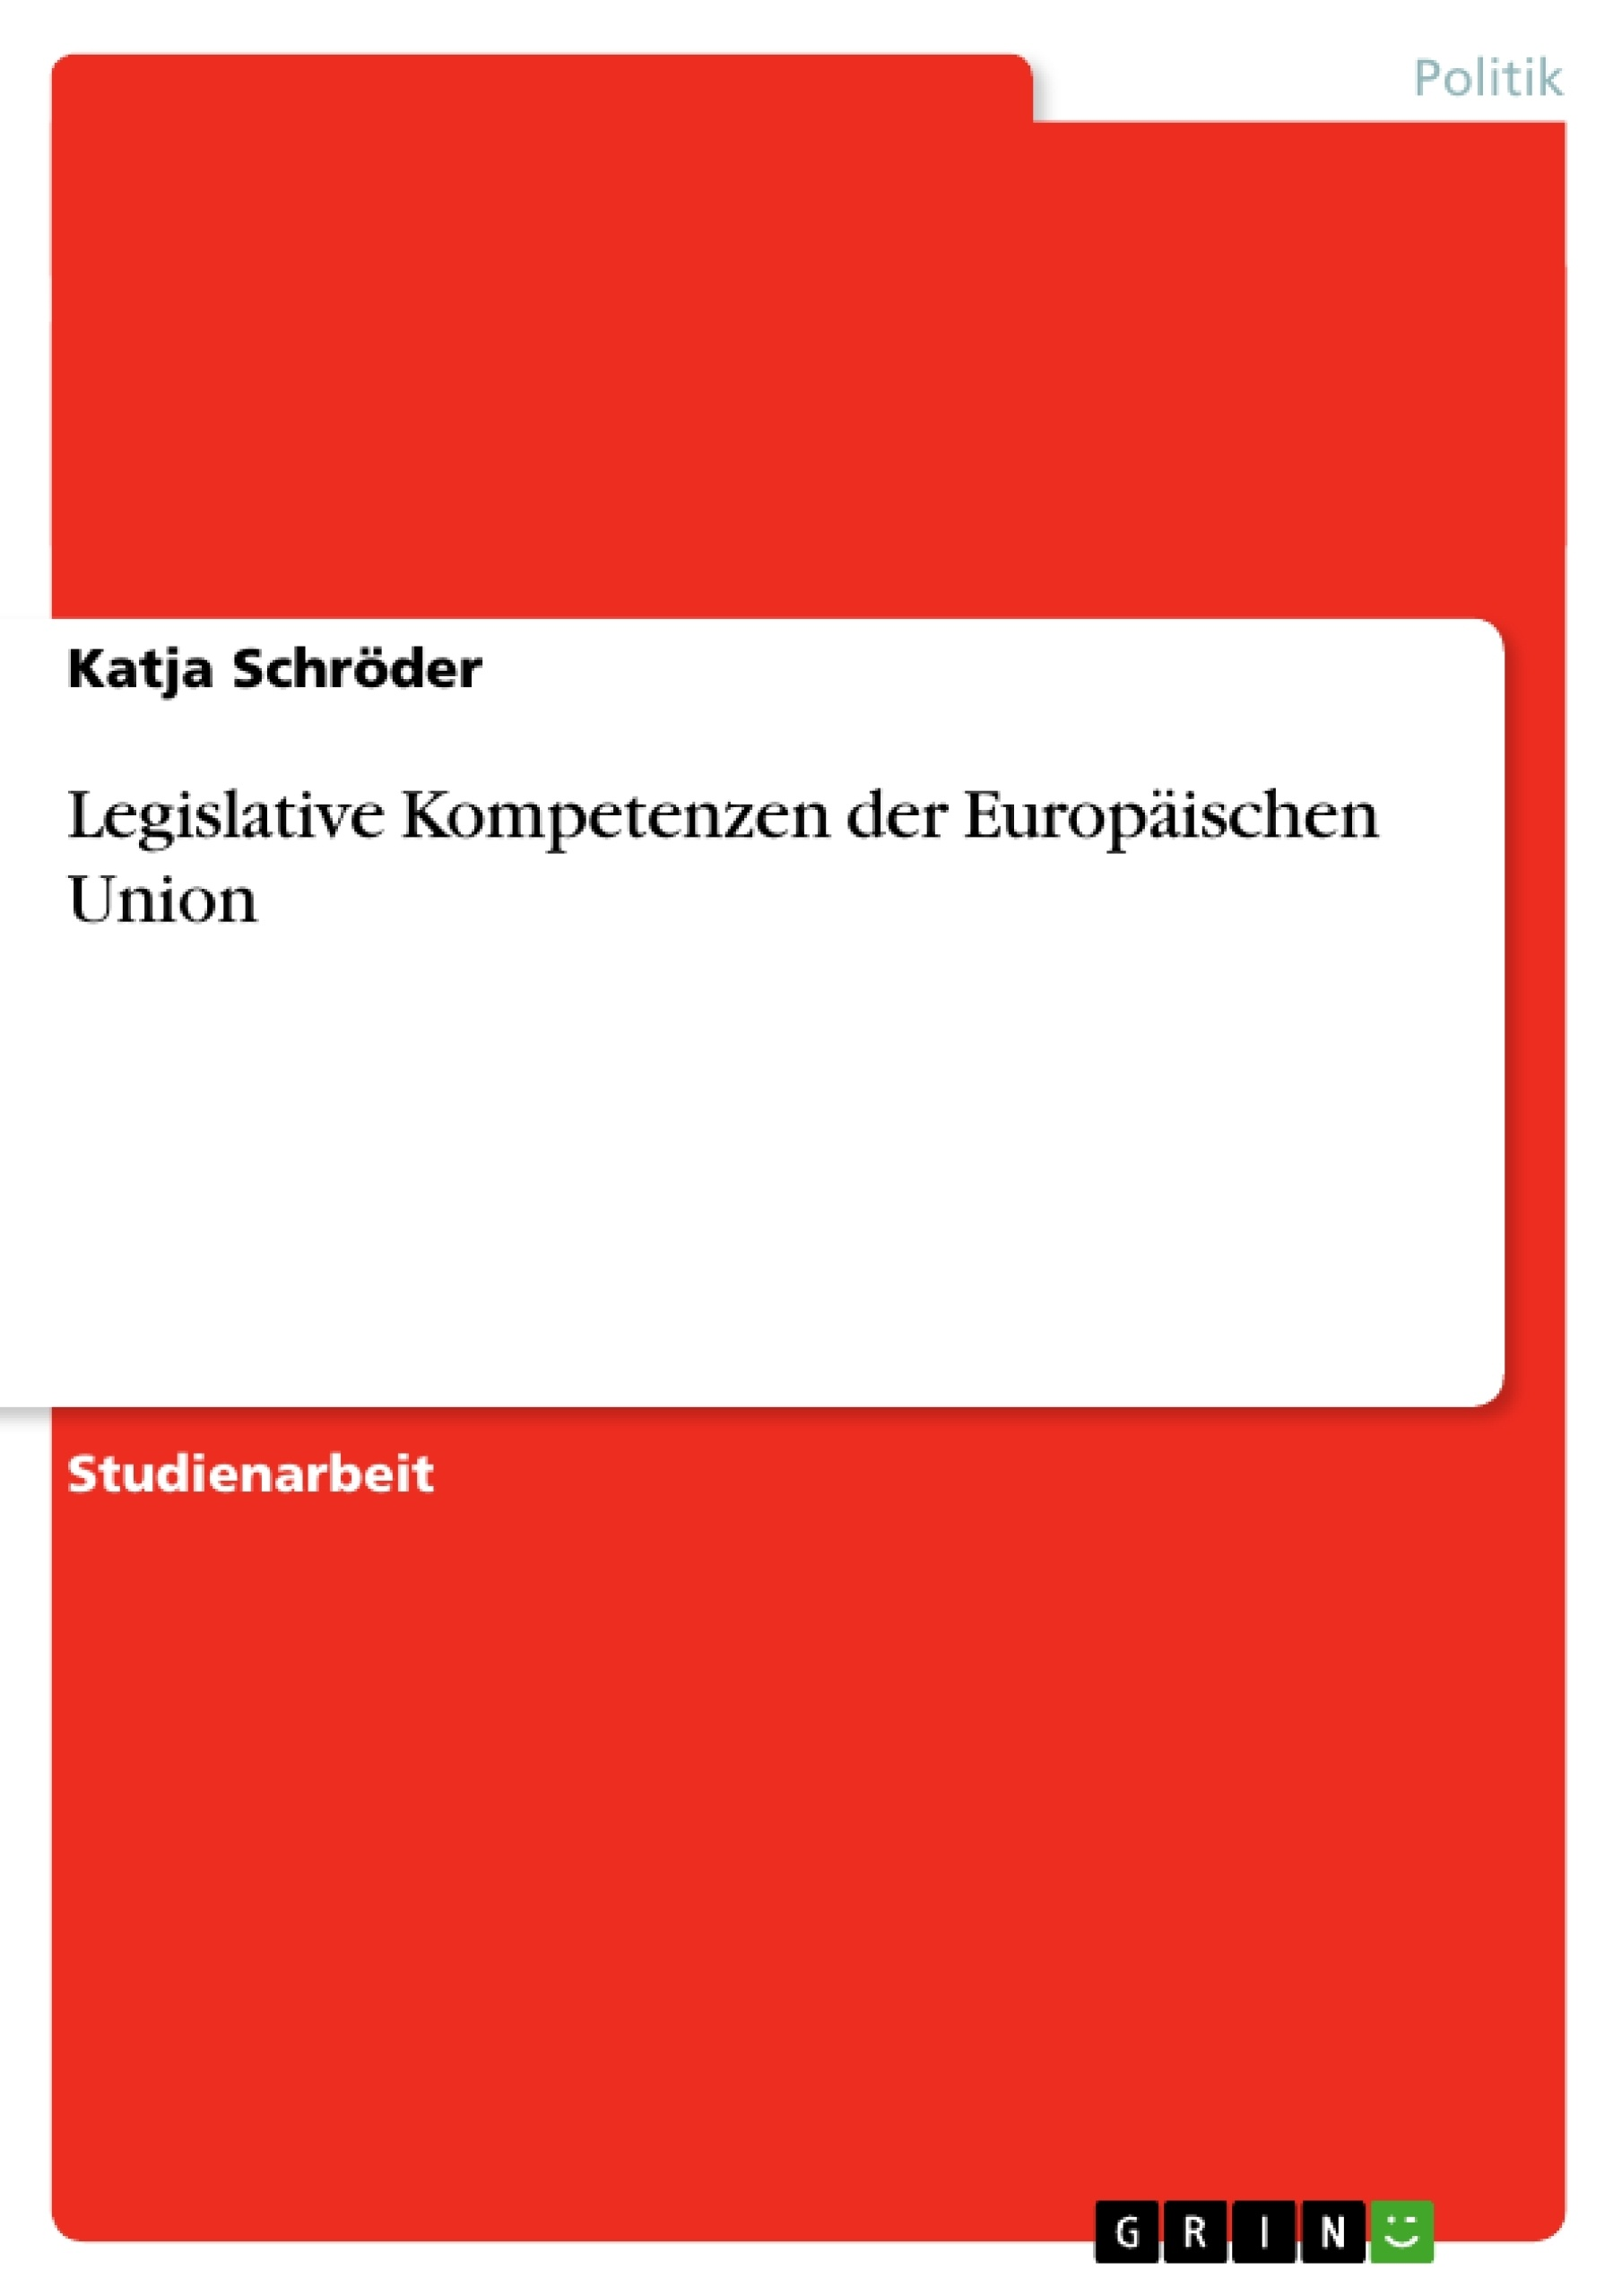 Titel: Legislative Kompetenzen der Europäischen Union